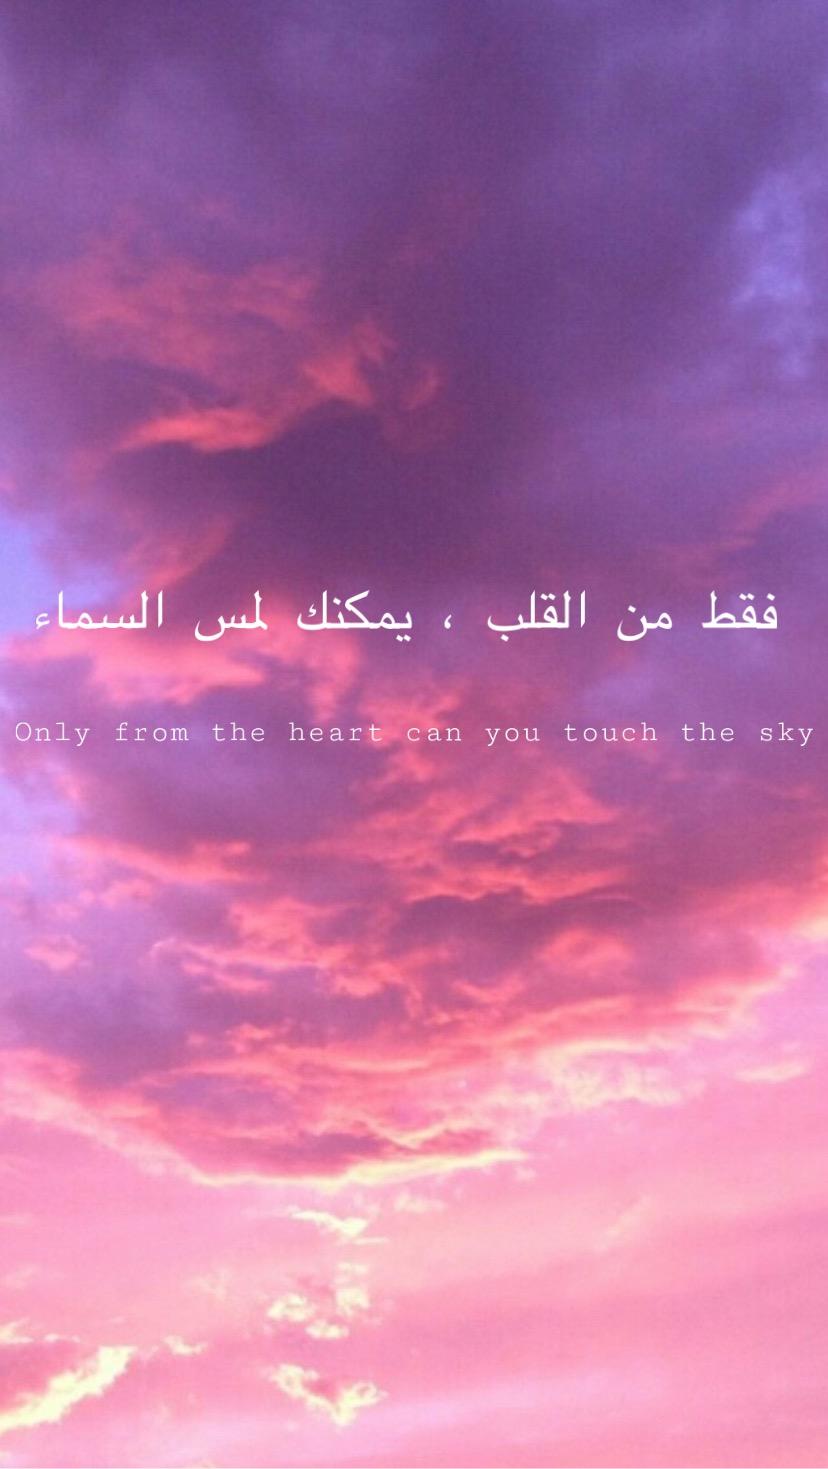 aesthetic sky quote arabic